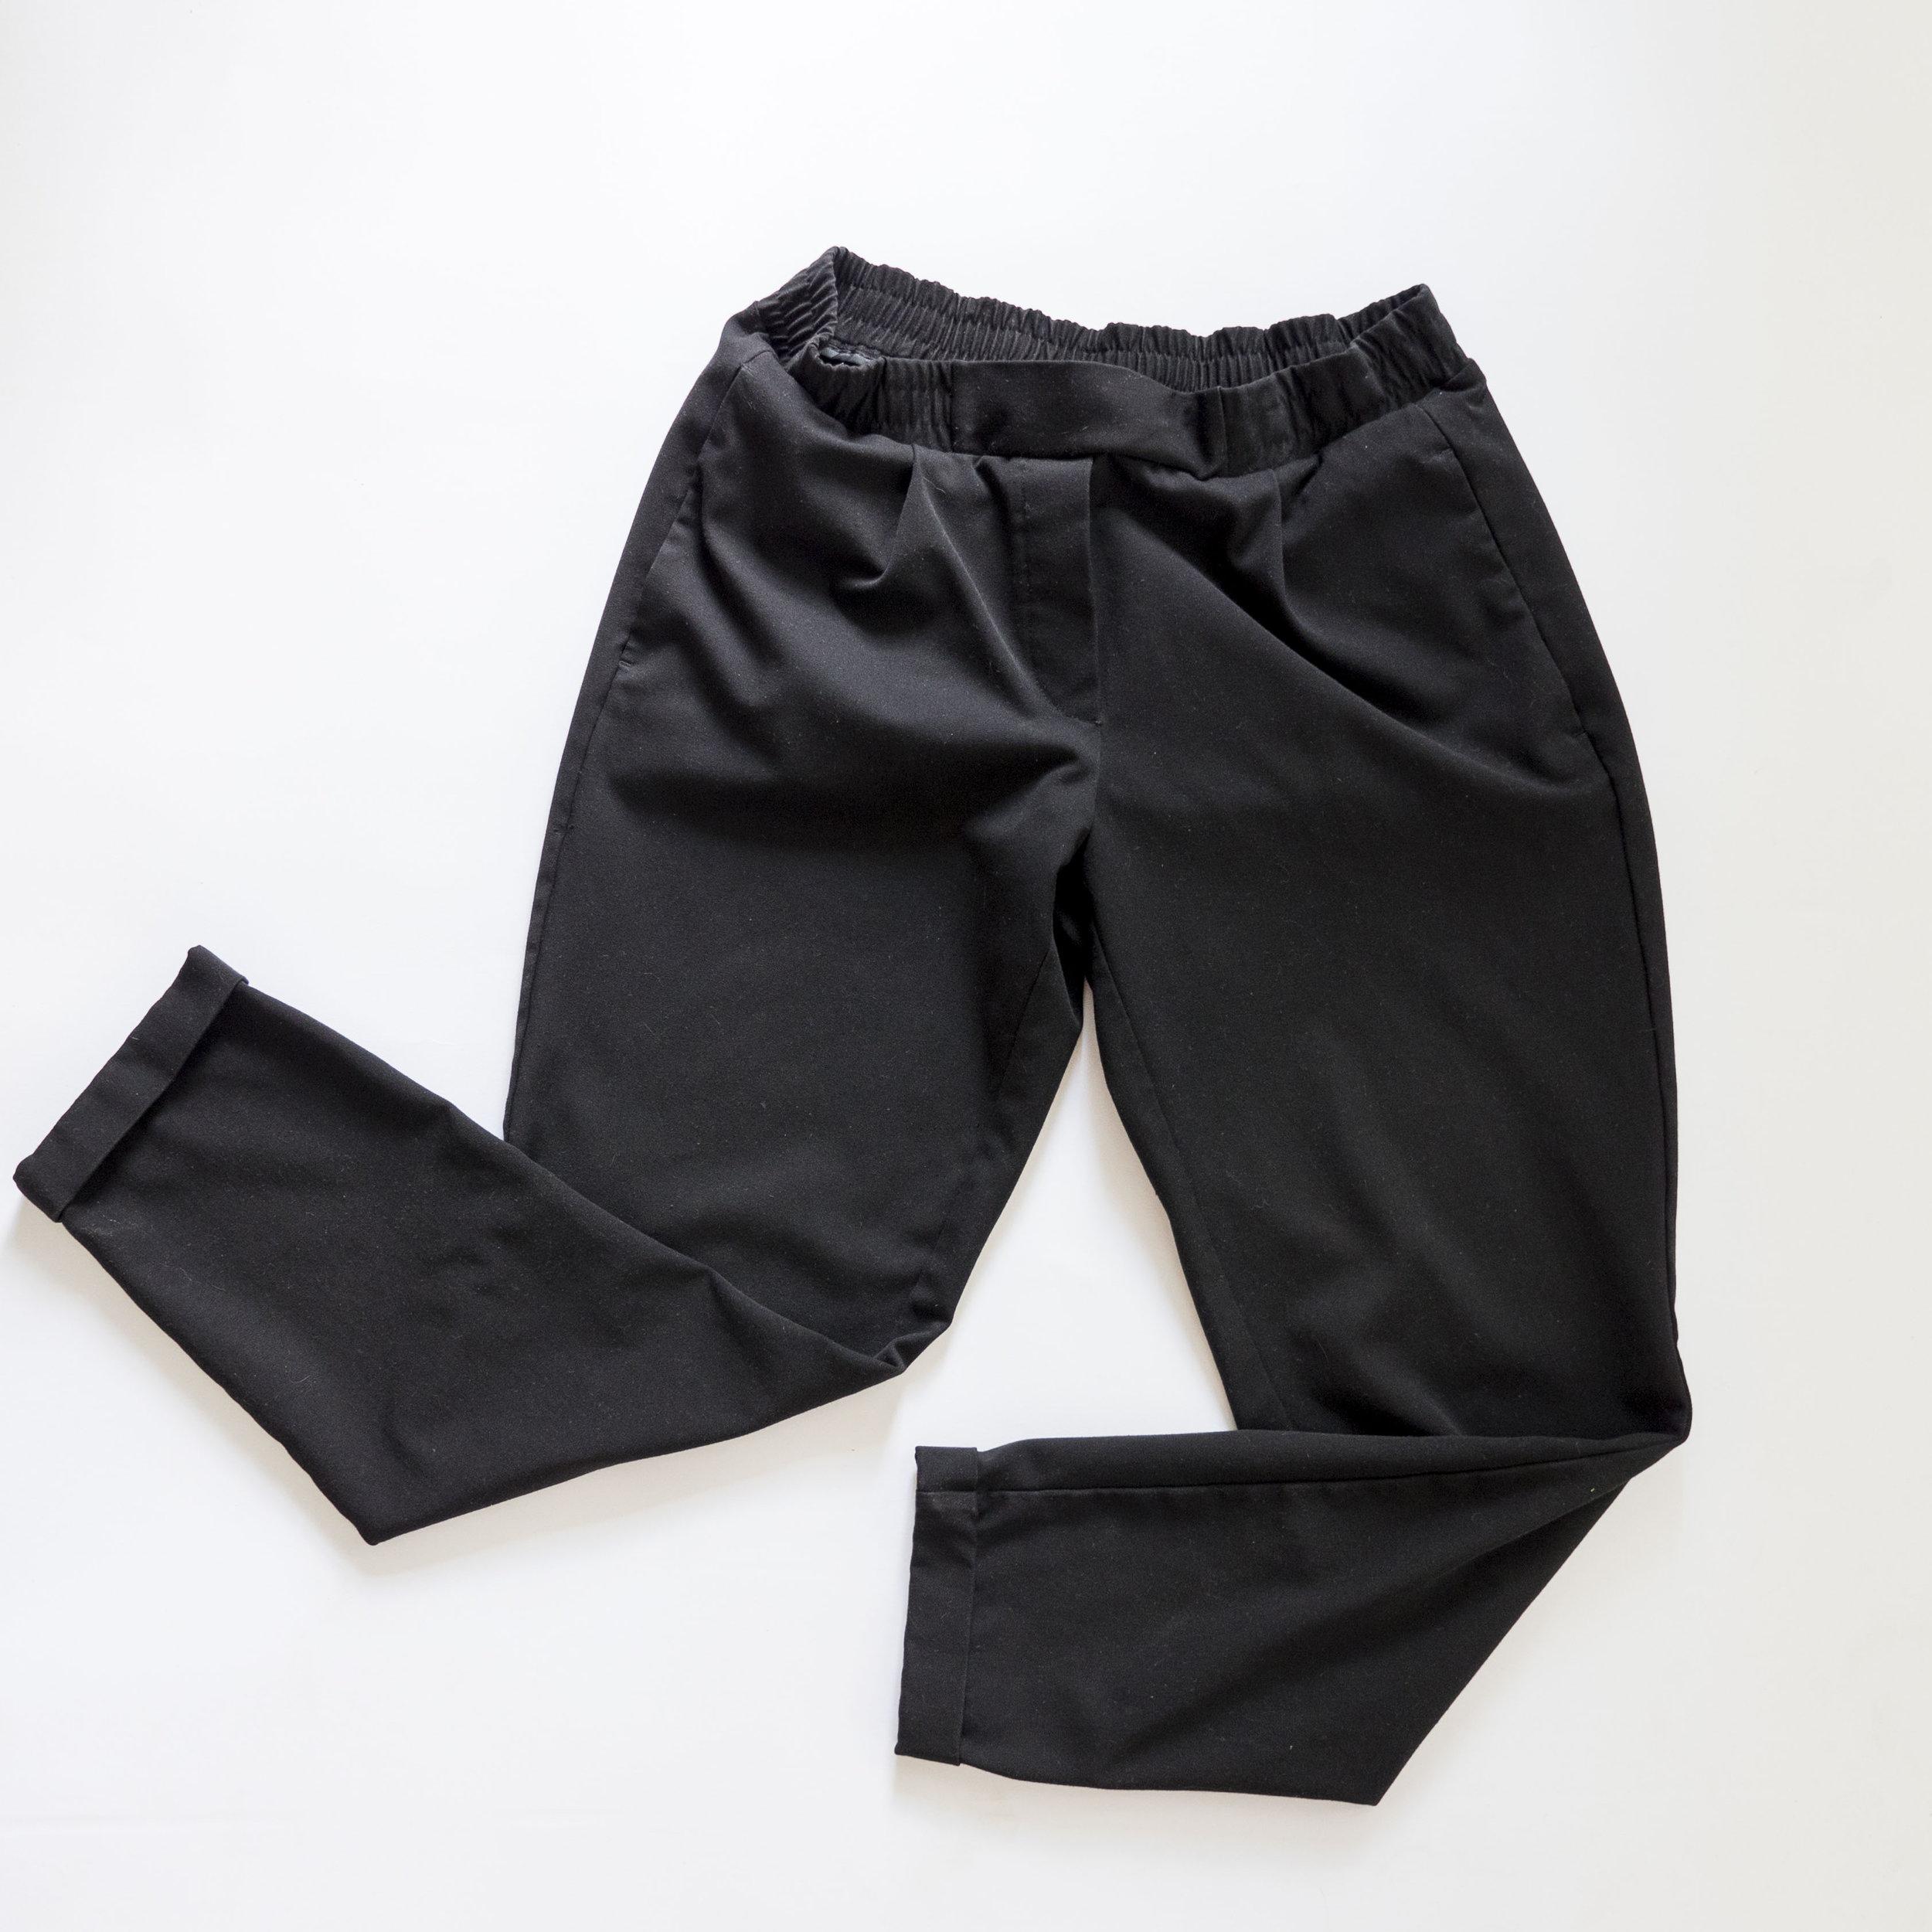 h&m-black-pants.jpg